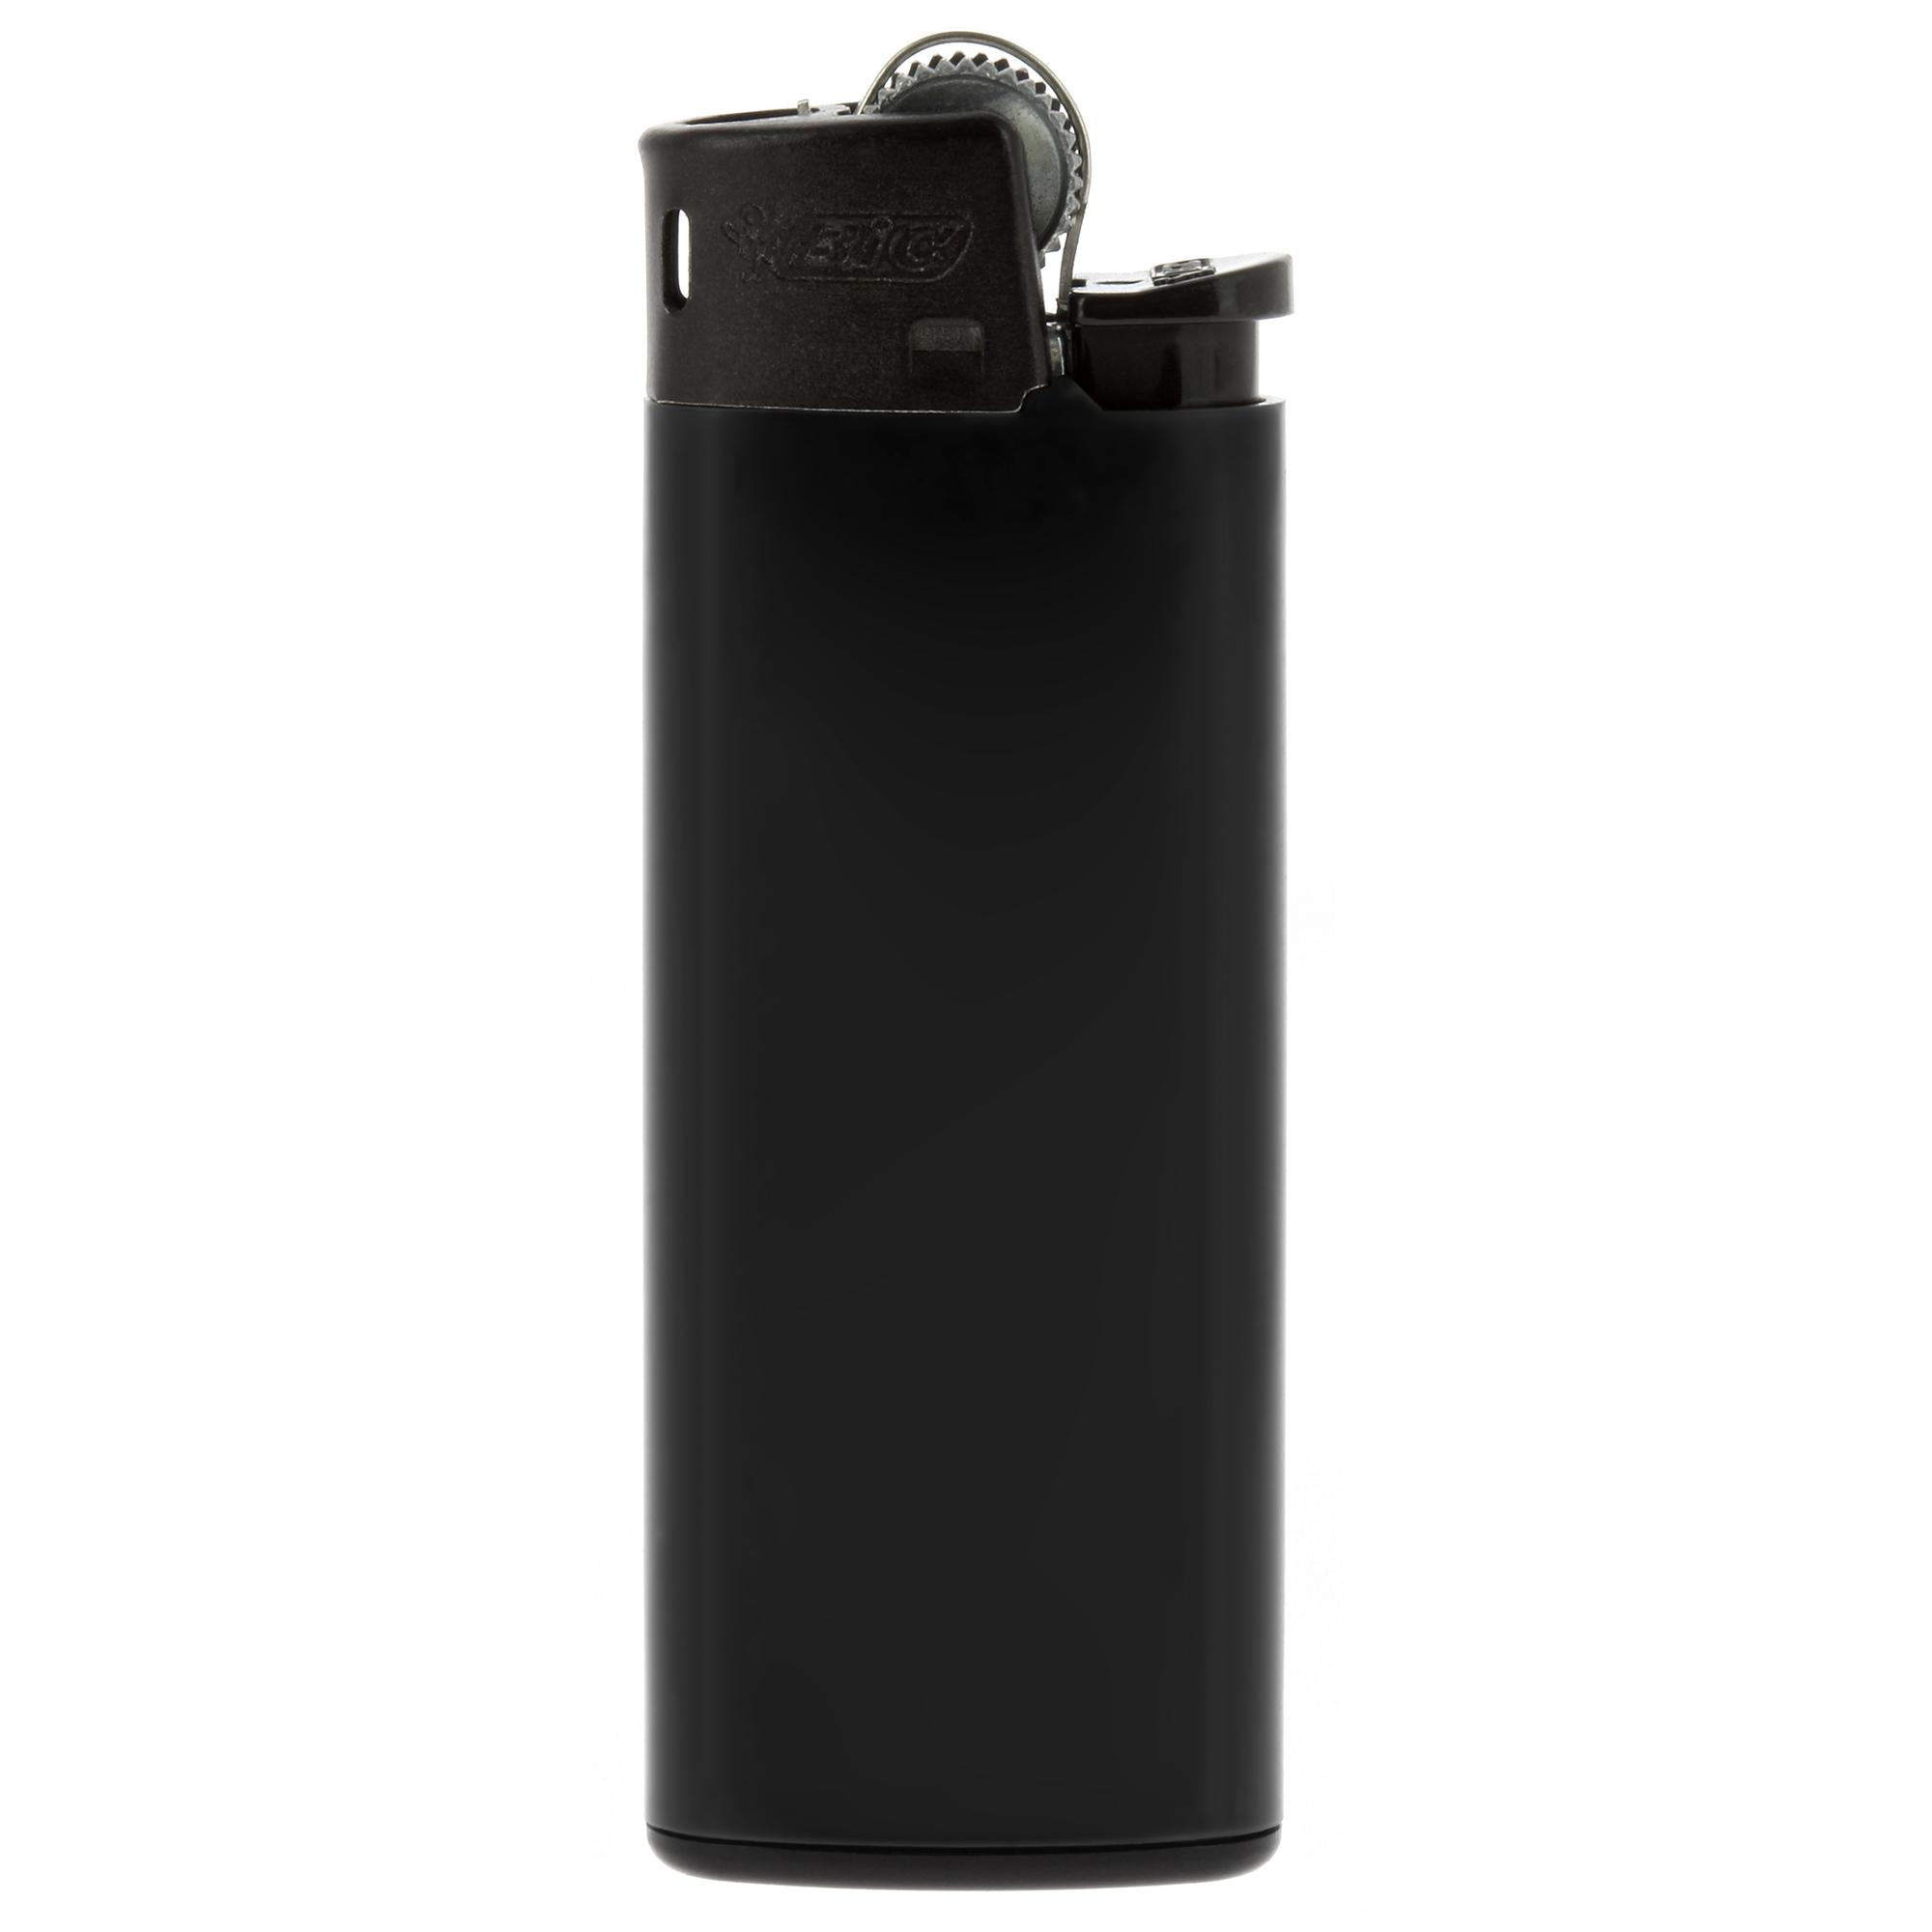 bic-black-lighter-2364